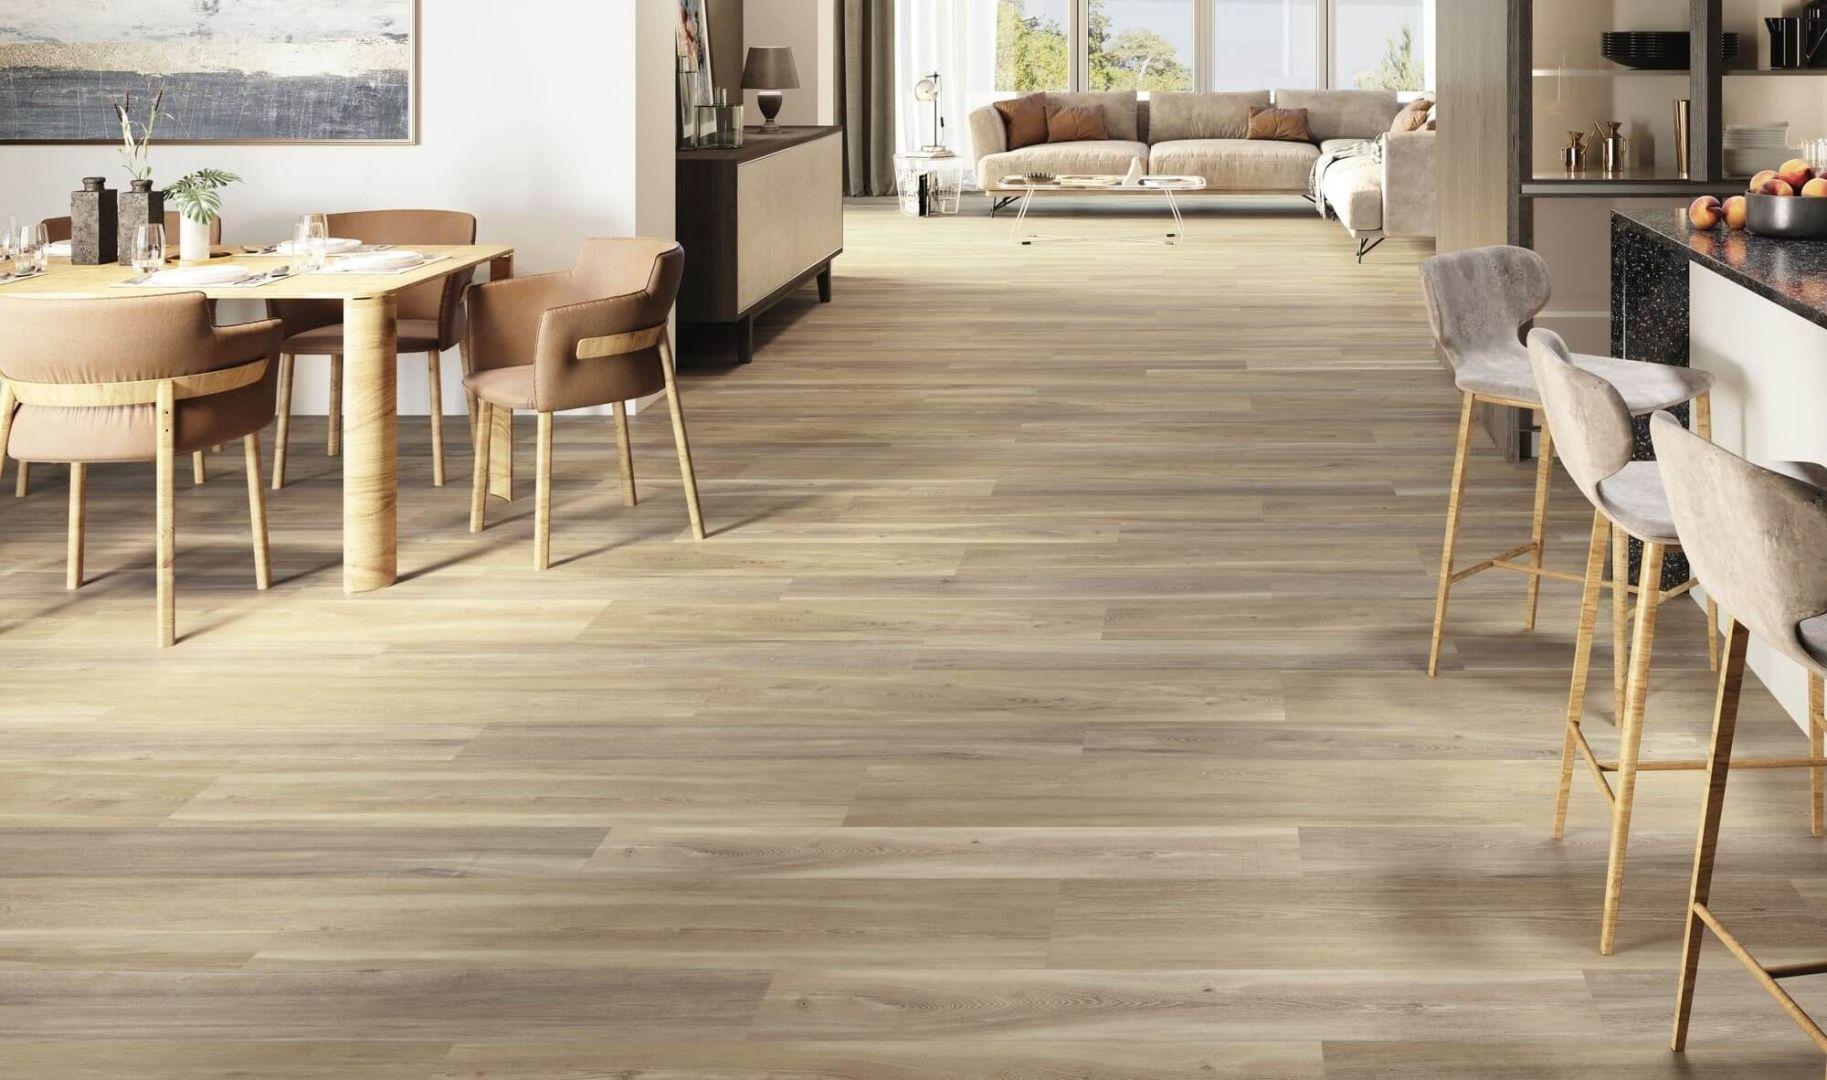 Gạch giả gỗ phù hợp cho nhiều không gian ứng dụng